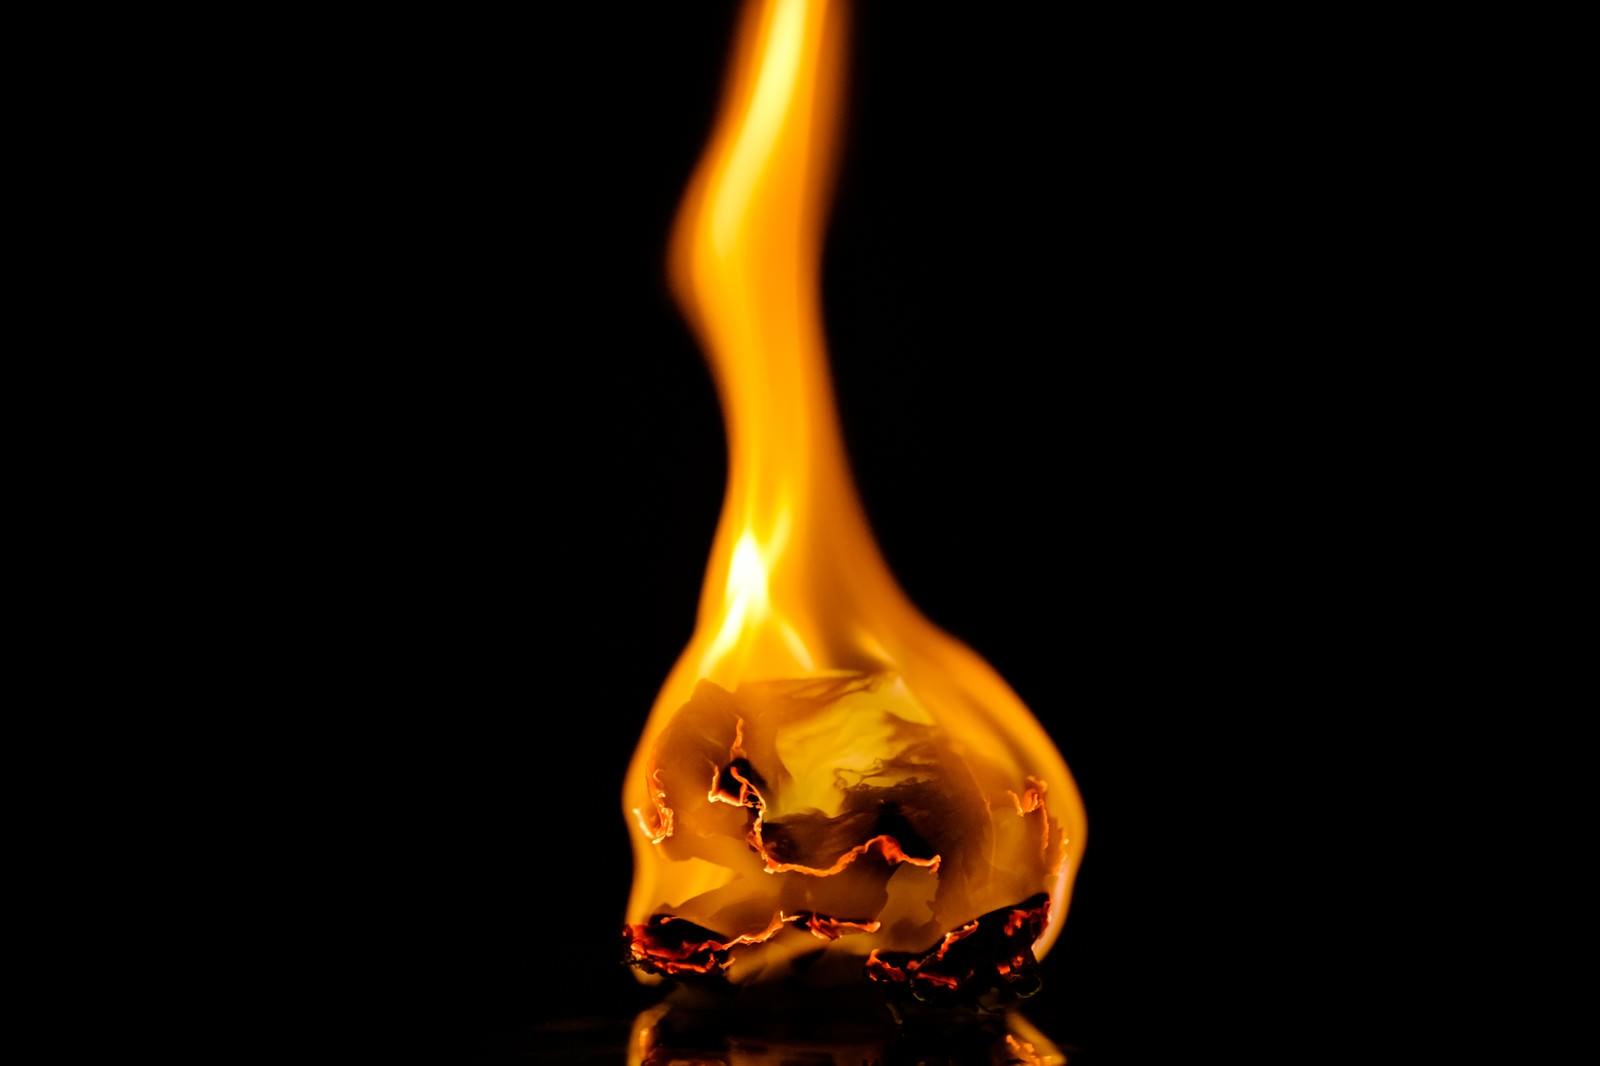 「揺れる炎にともし火」の写真